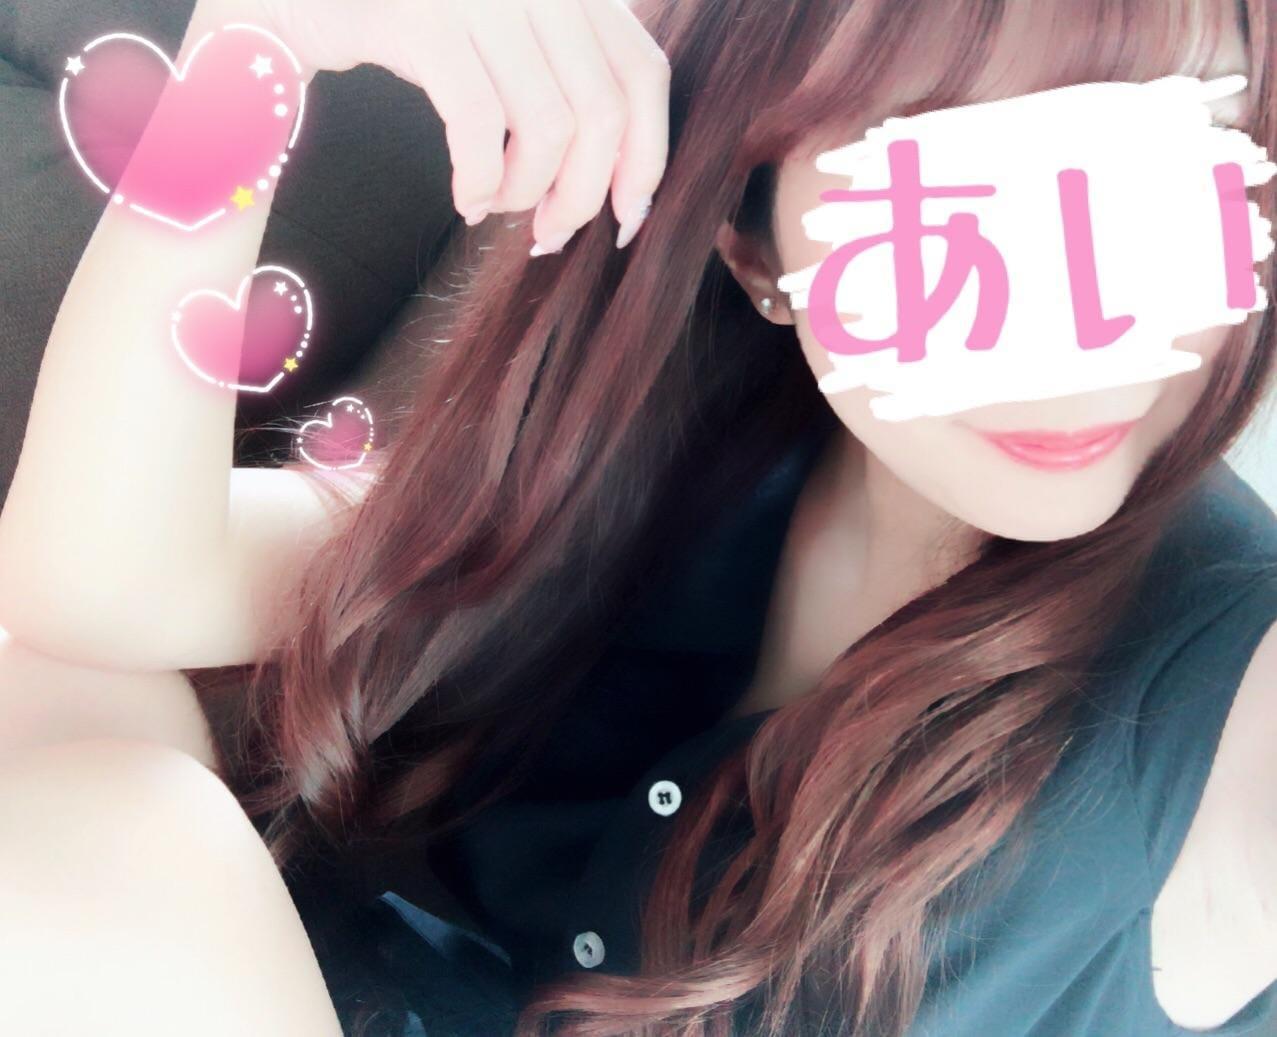 「しゅっぱつ」09/24(09/24) 12:03 | あいの写メ・風俗動画